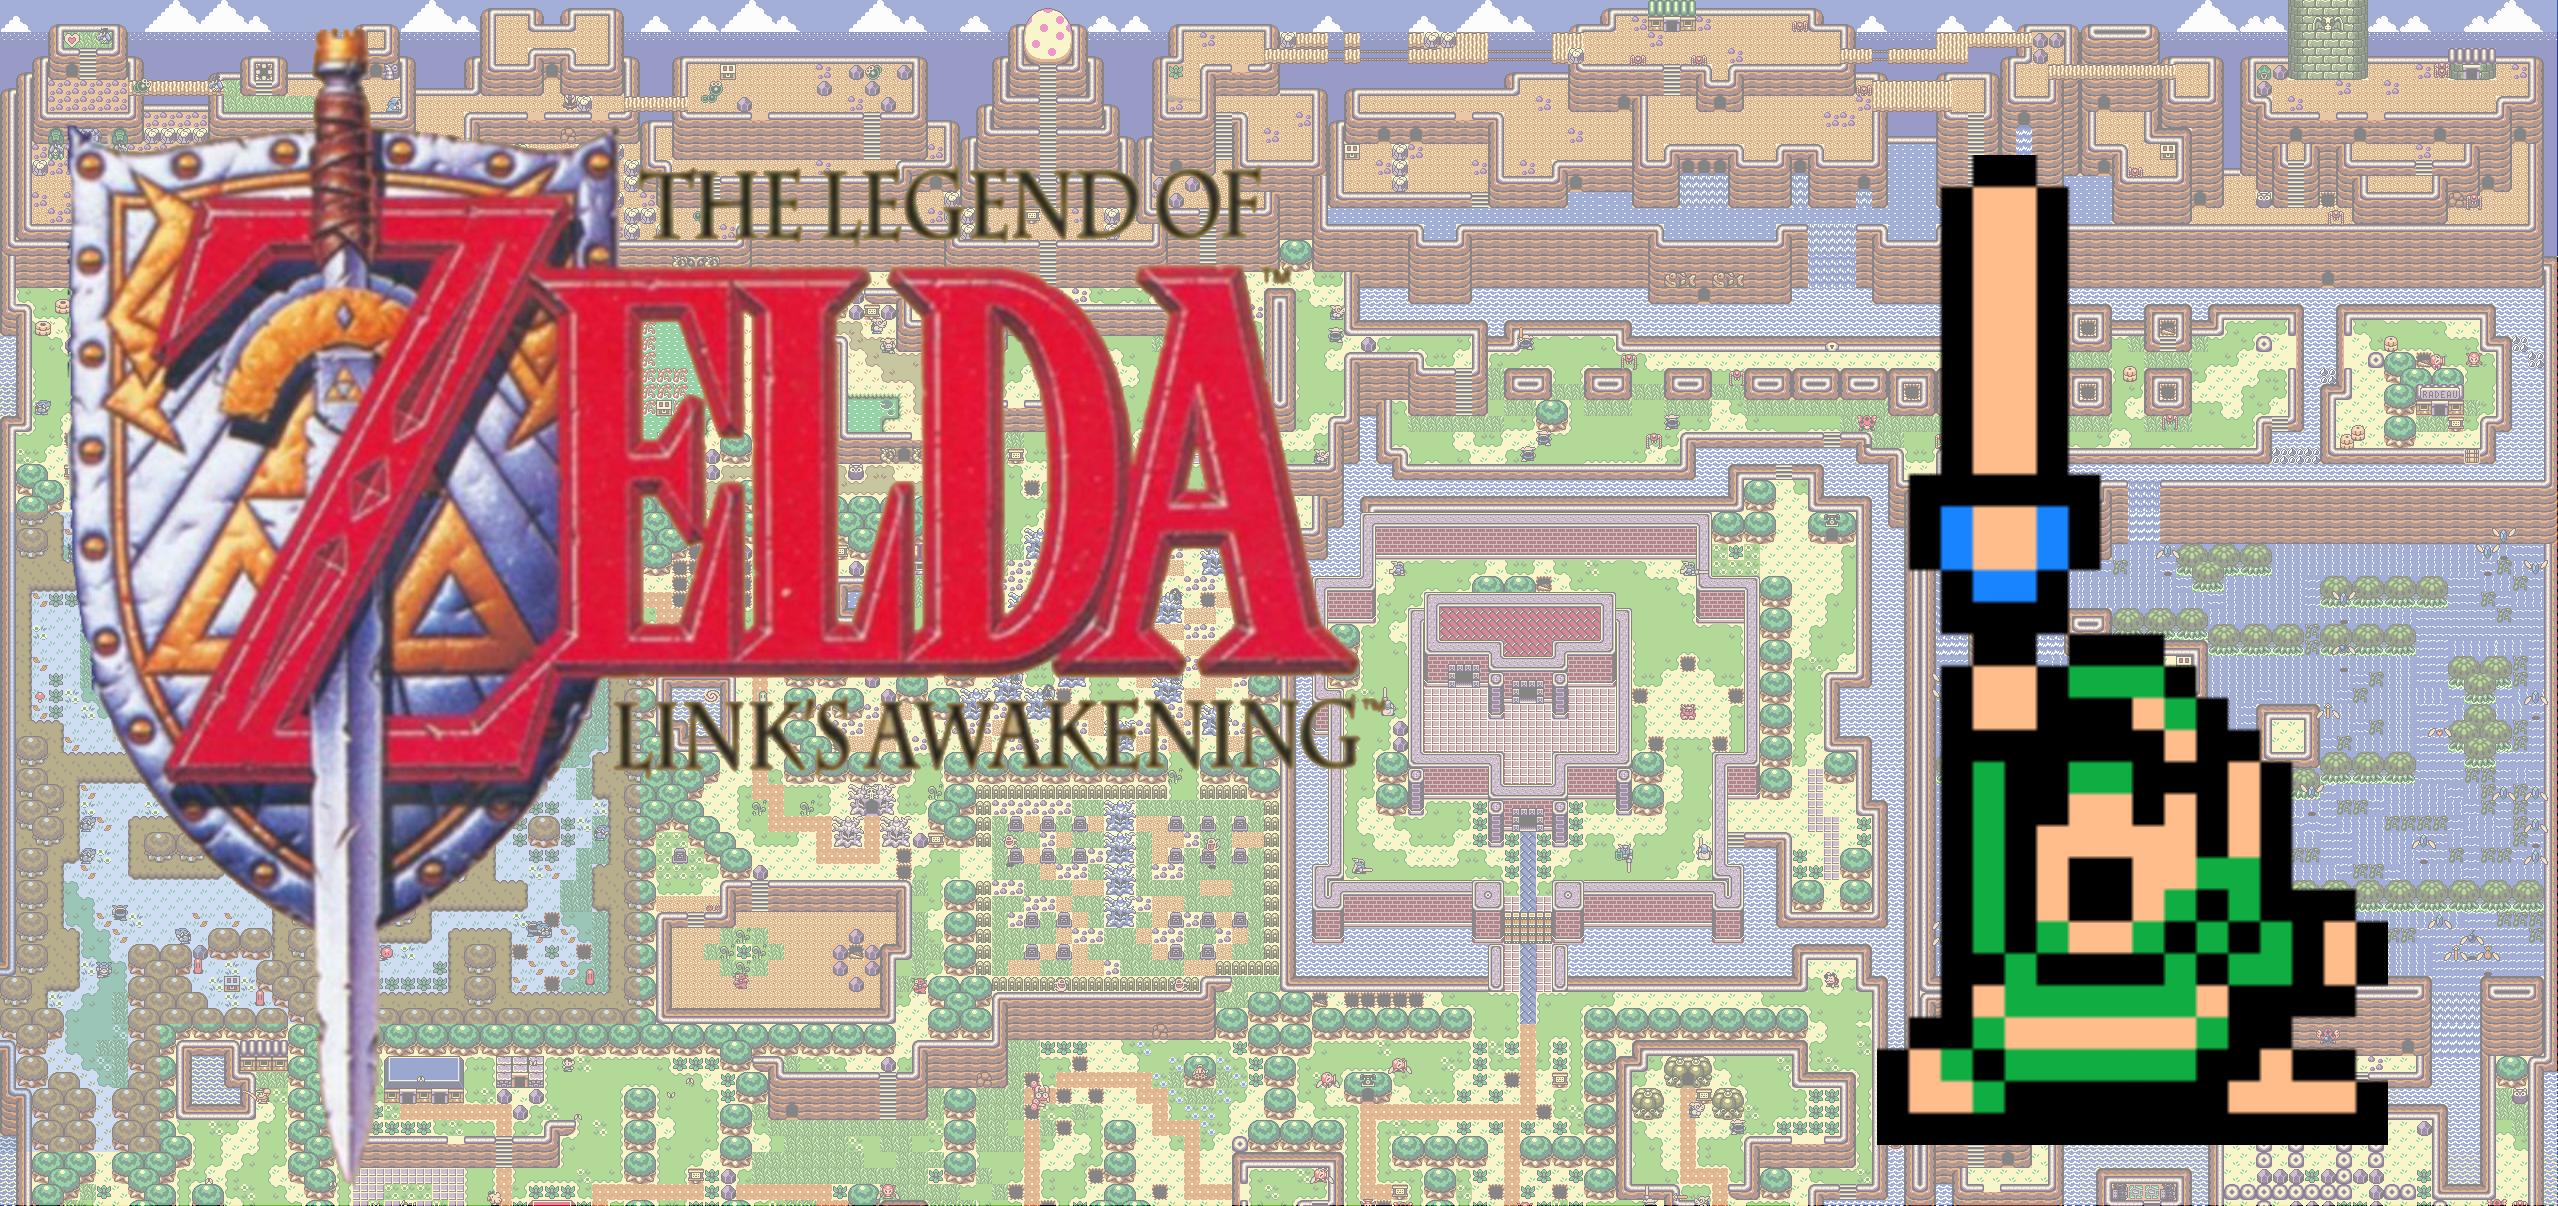 My First Game: Link's Awakening